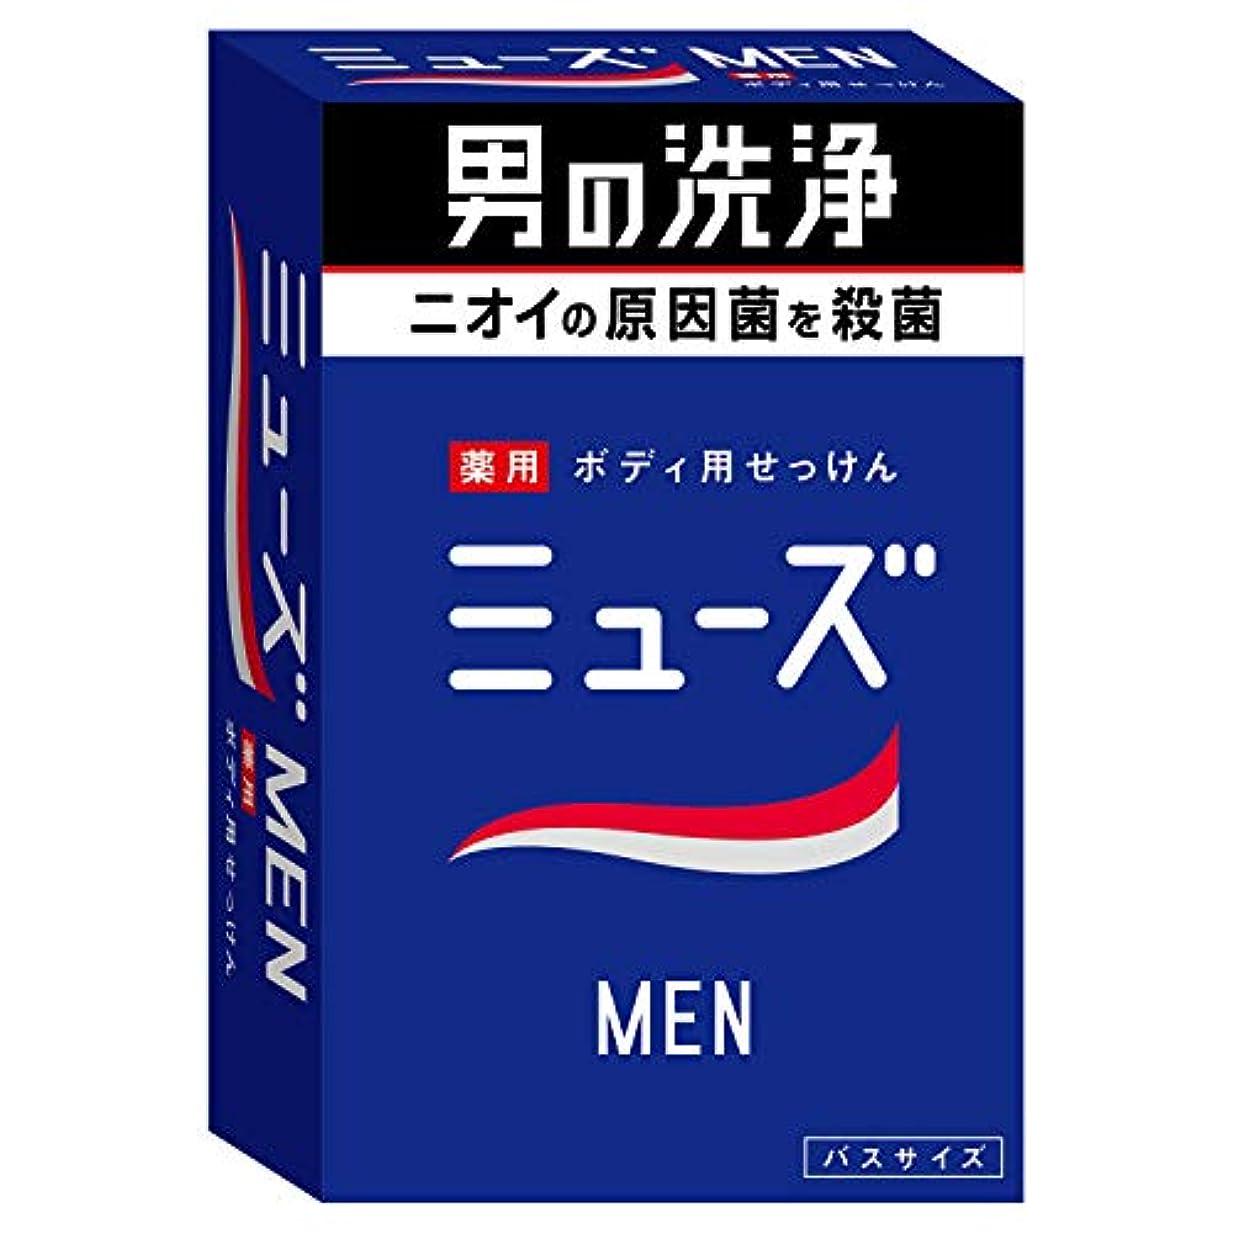 空位置づける幻影【医薬部外品】ミューズメン 石鹸 135g